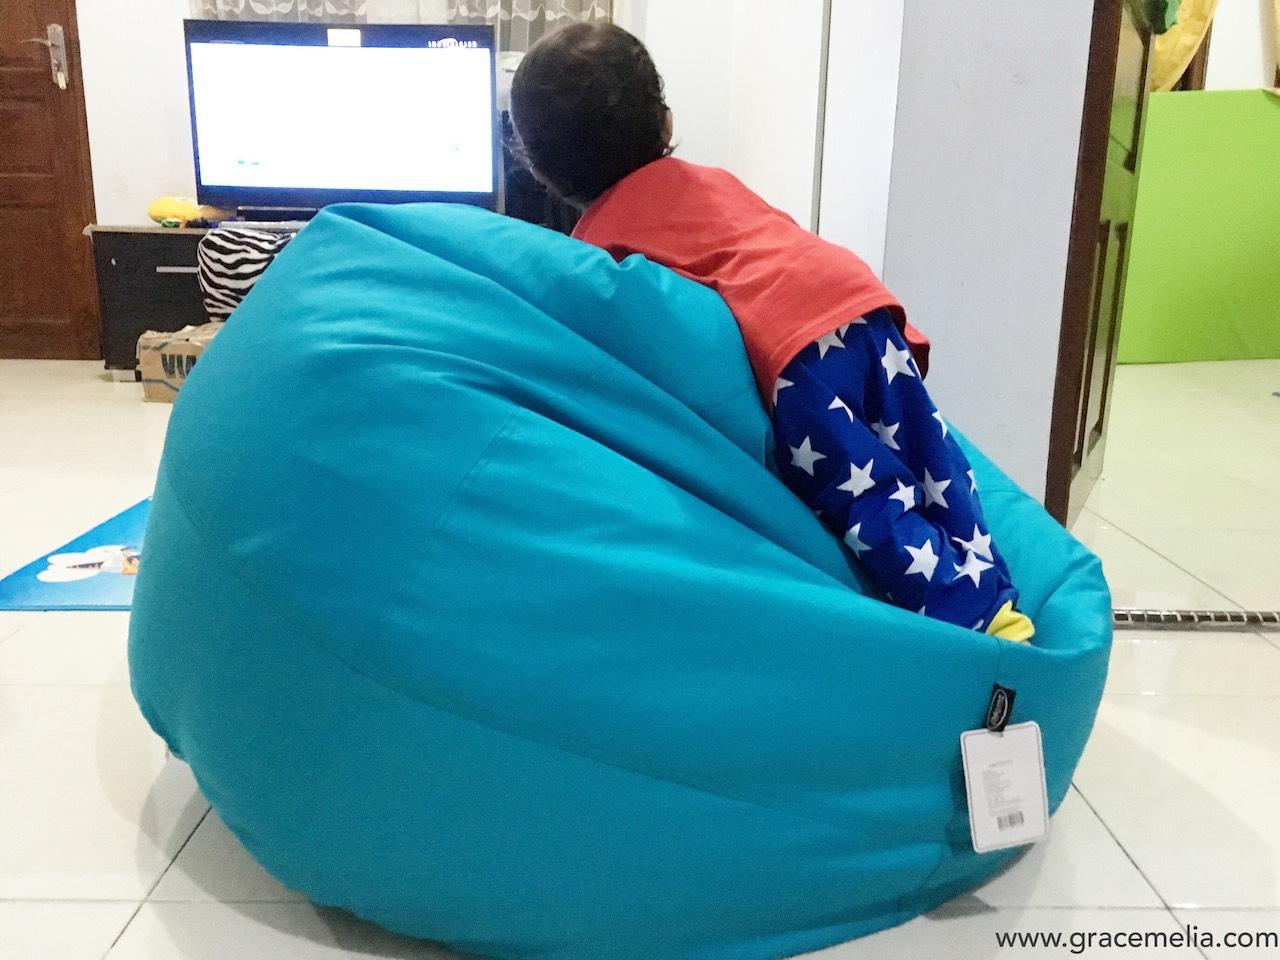 Superb Review Bean Bag Informa Gracemelia Com Parenting Inzonedesignstudio Interior Chair Design Inzonedesignstudiocom